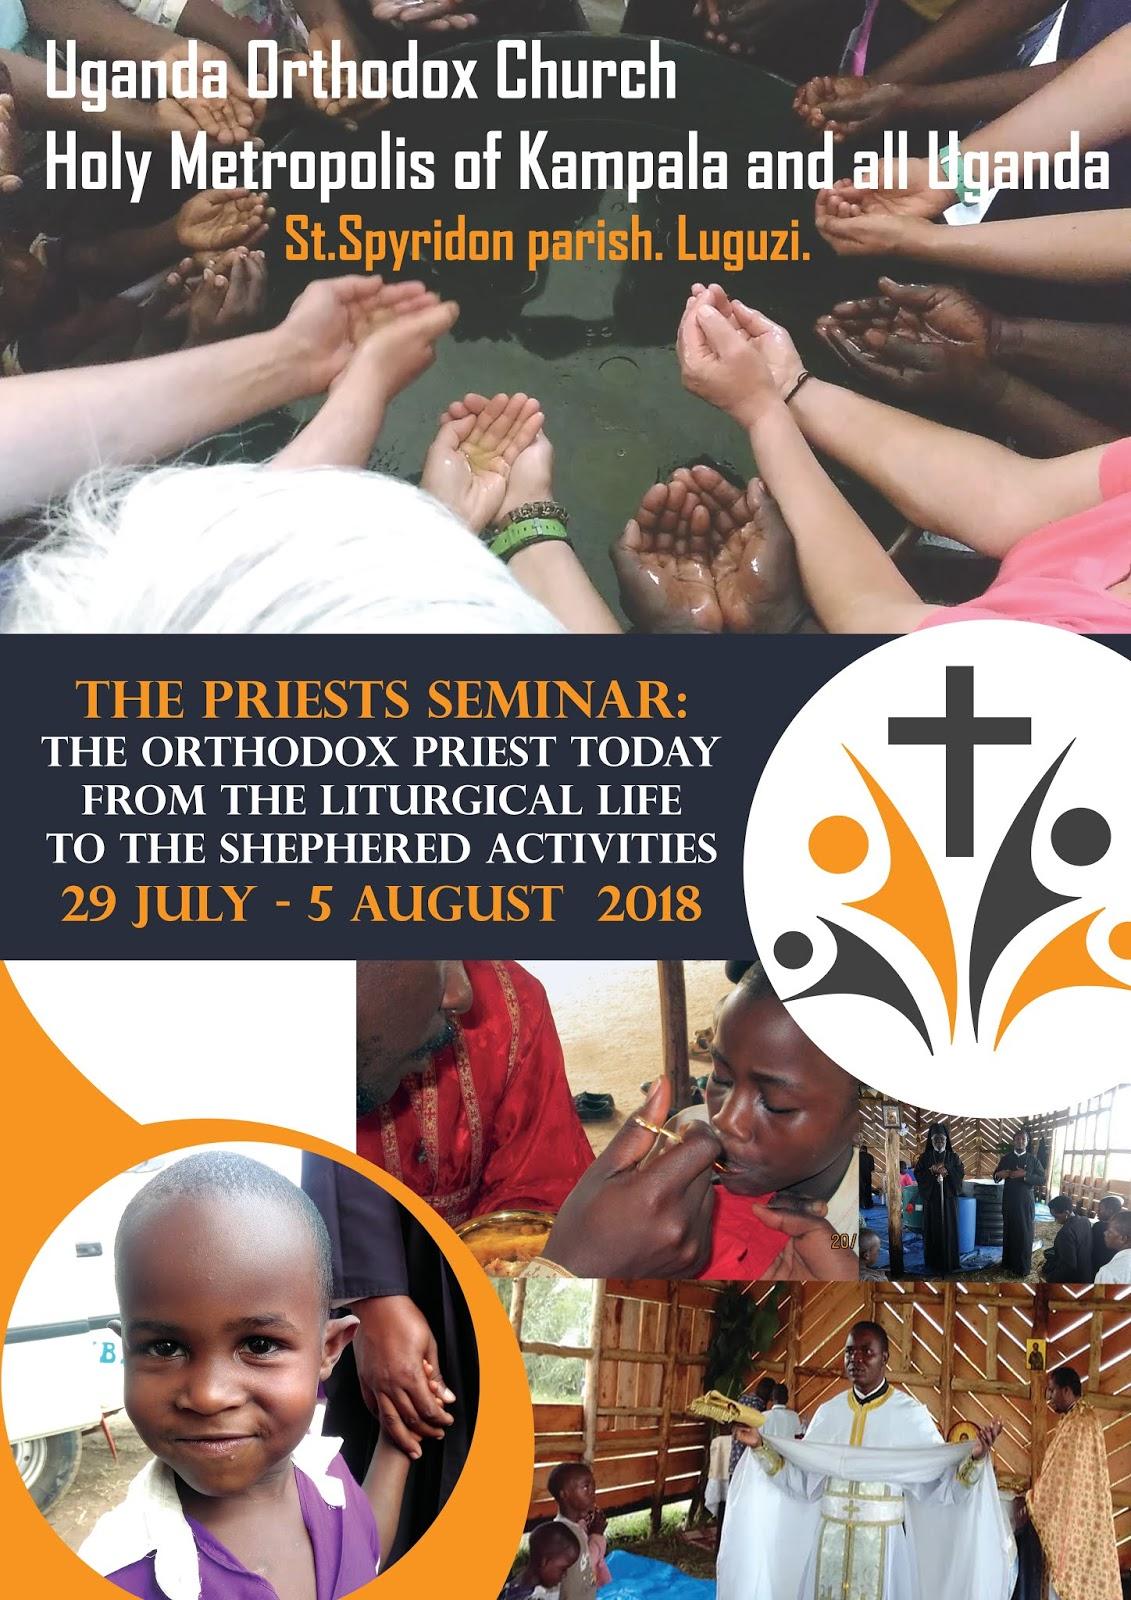 Ιερατικό σεμινάριο στο Λουγκουζί της Ουγκάντας